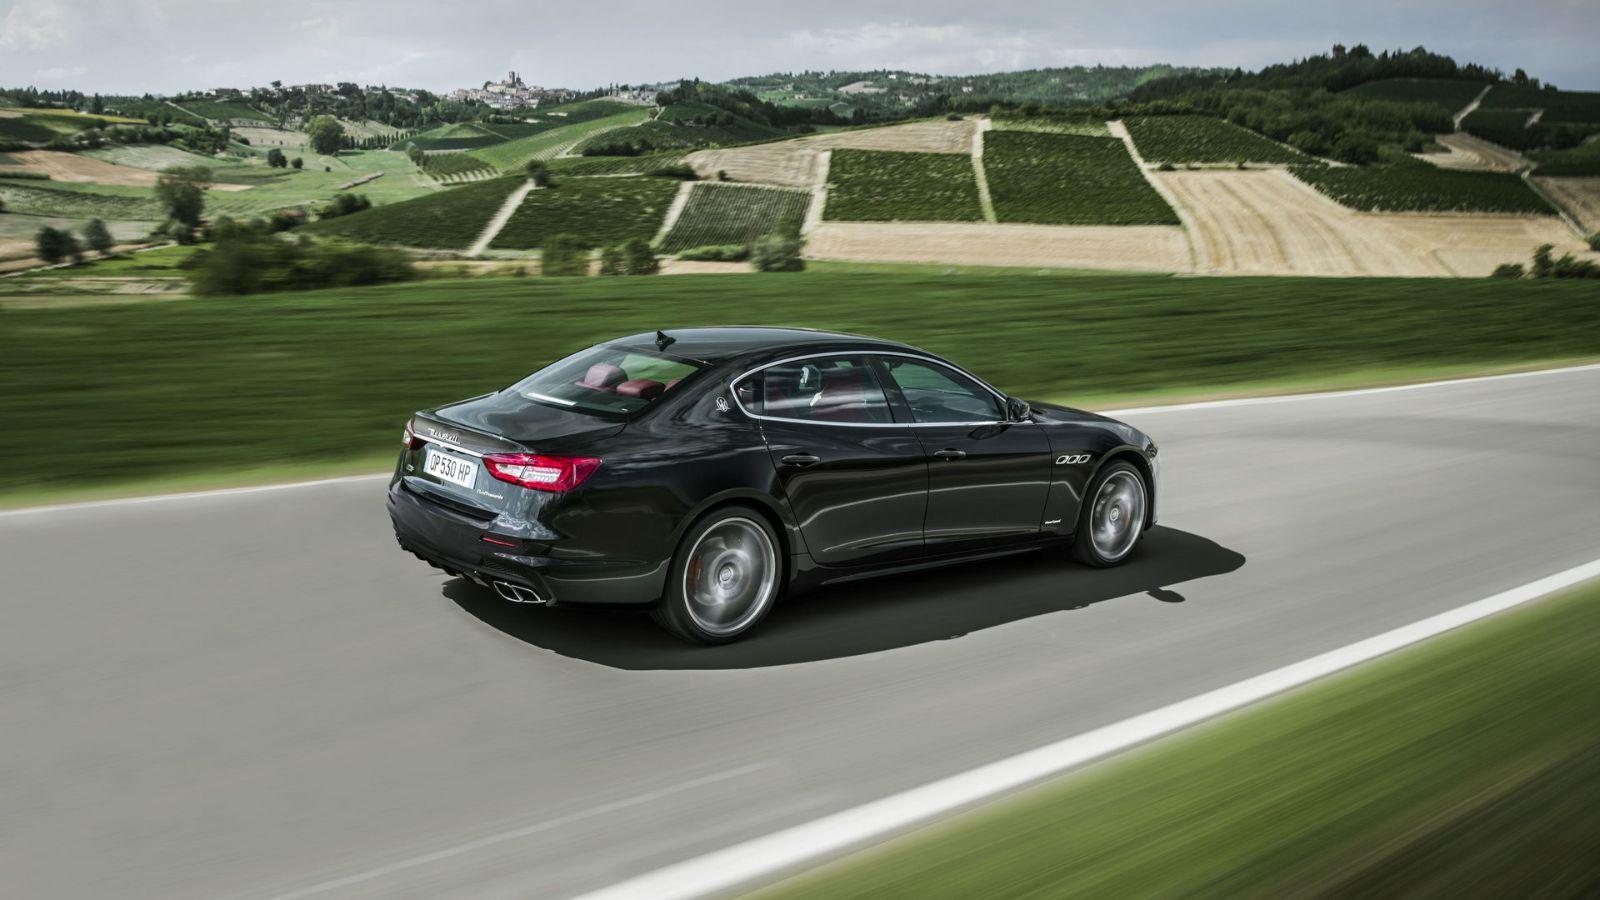 Maserati-Quattroporte-18-exterior-driving